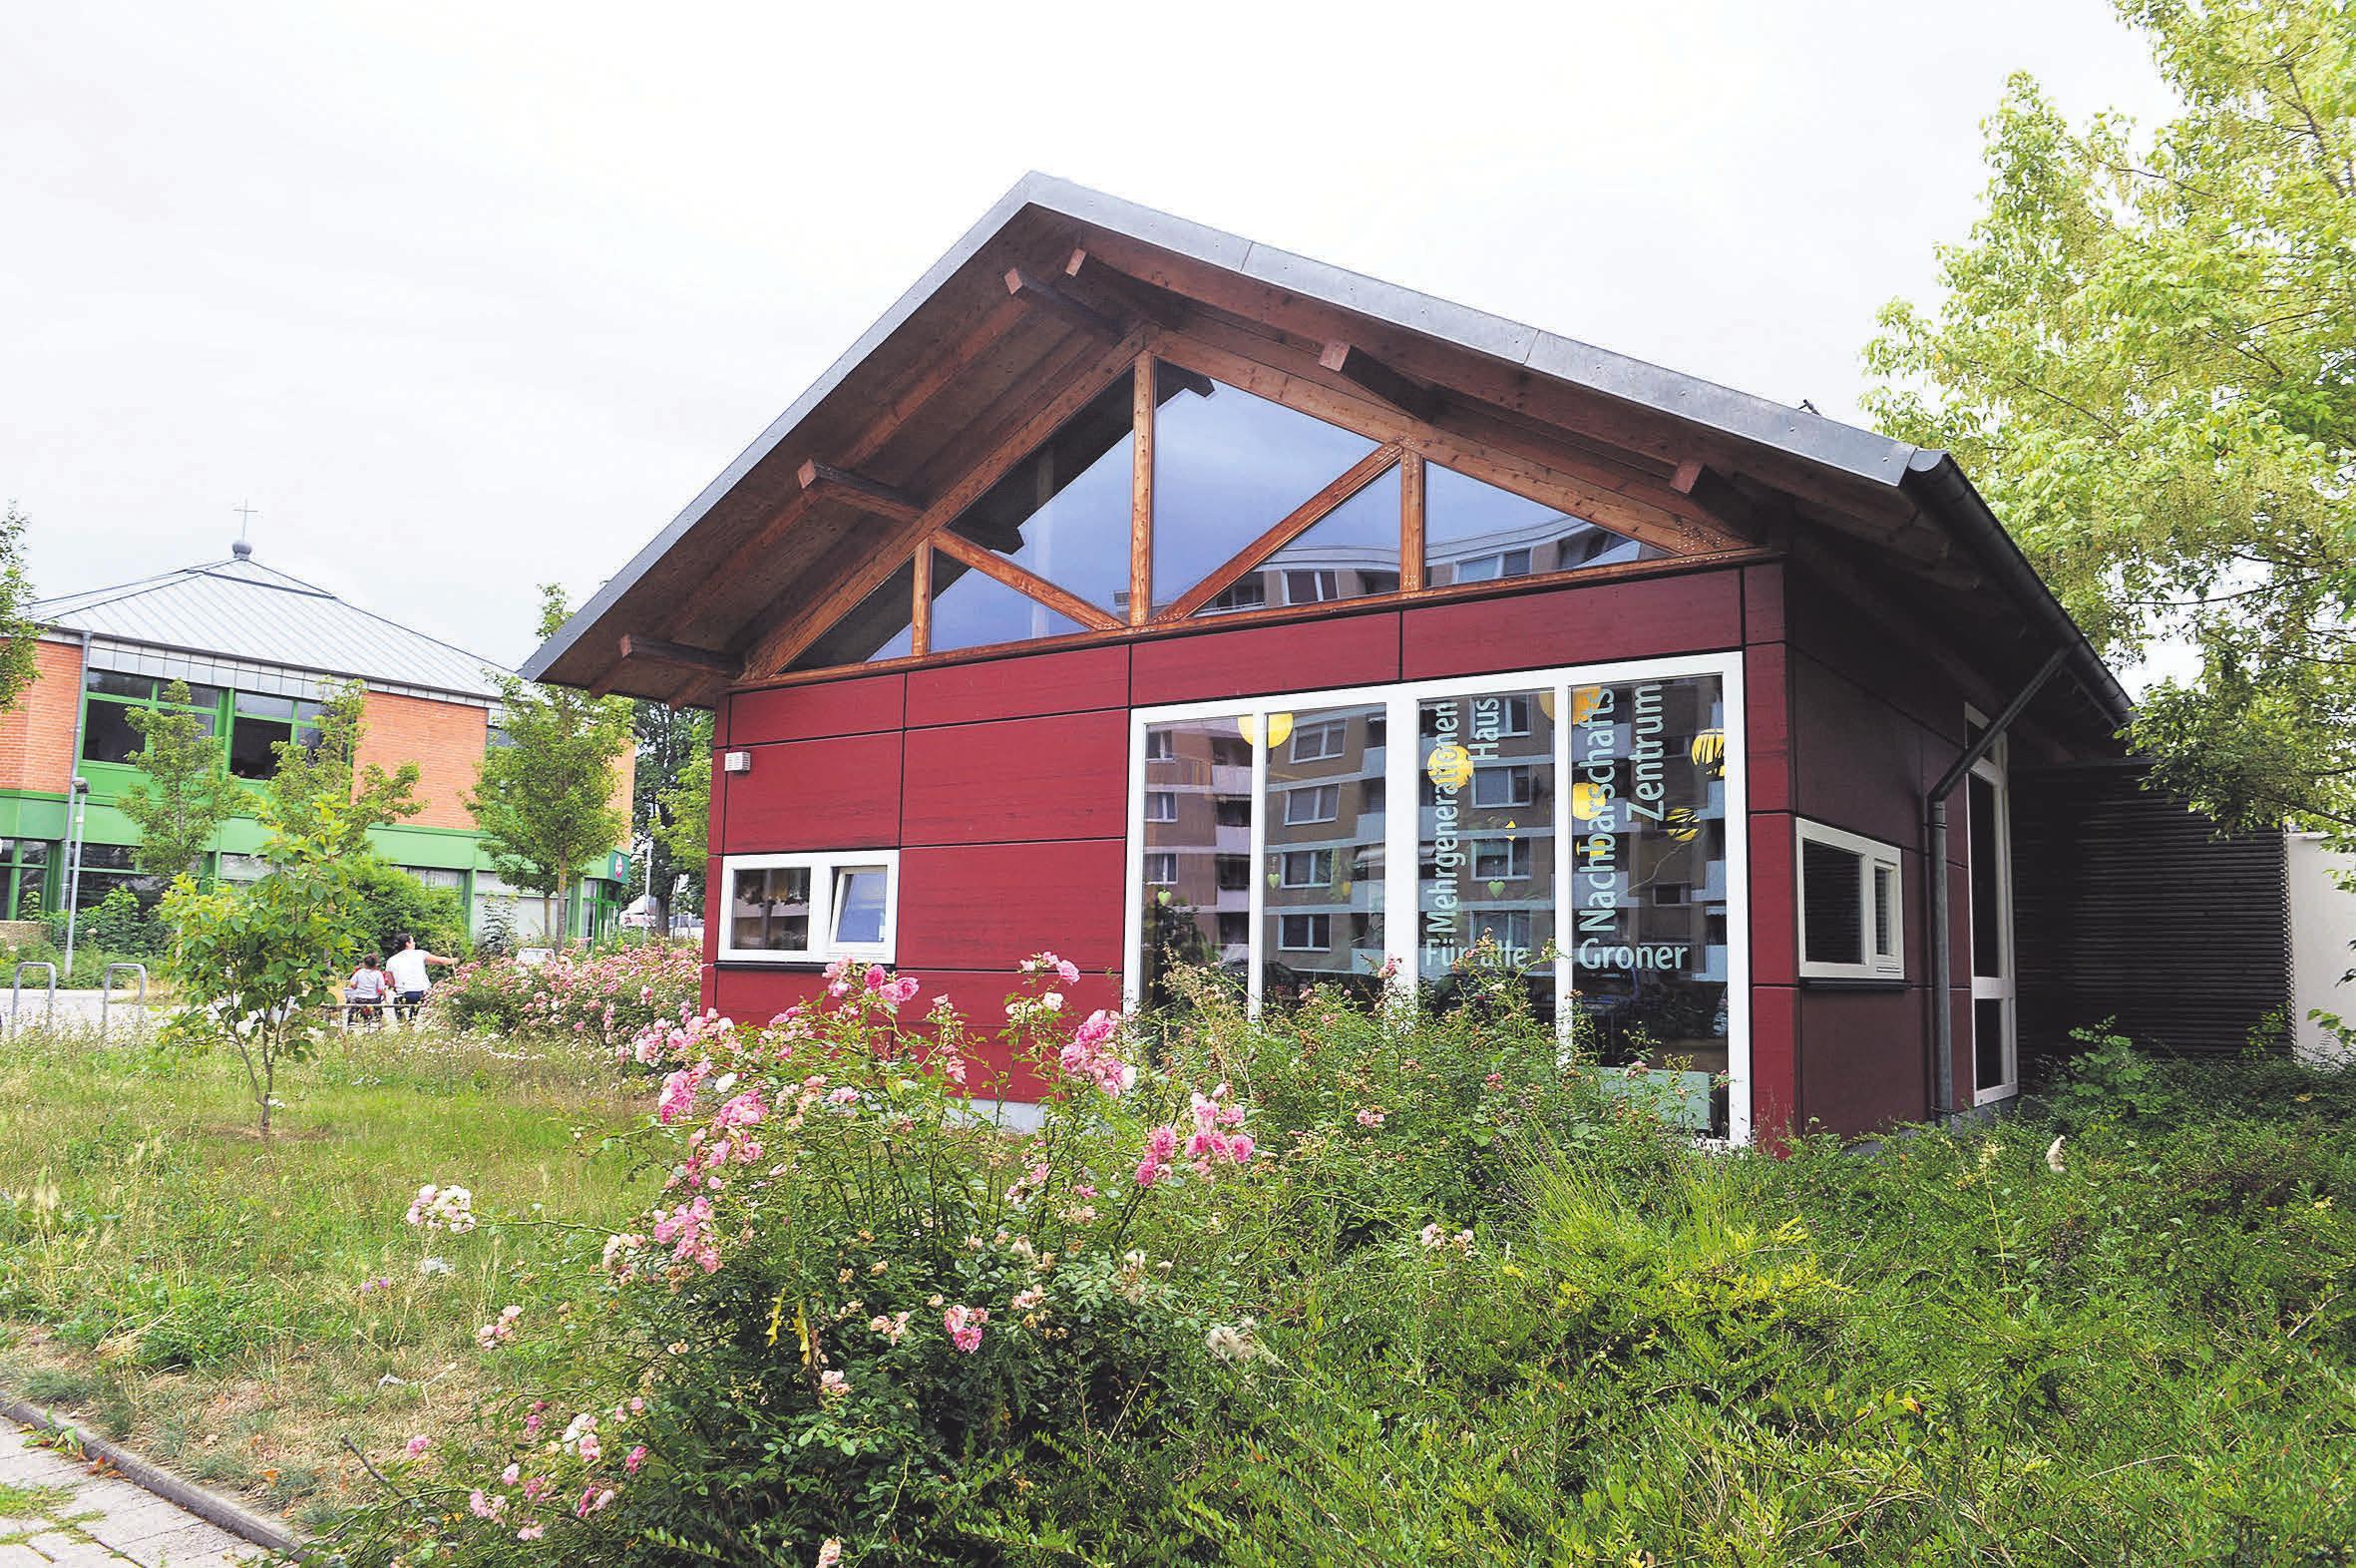 Seit zwölf Jahren gibt es das Nachbarschaftszentrum in Grone als solitäres Gebäude. FOTOS: HARTWIG